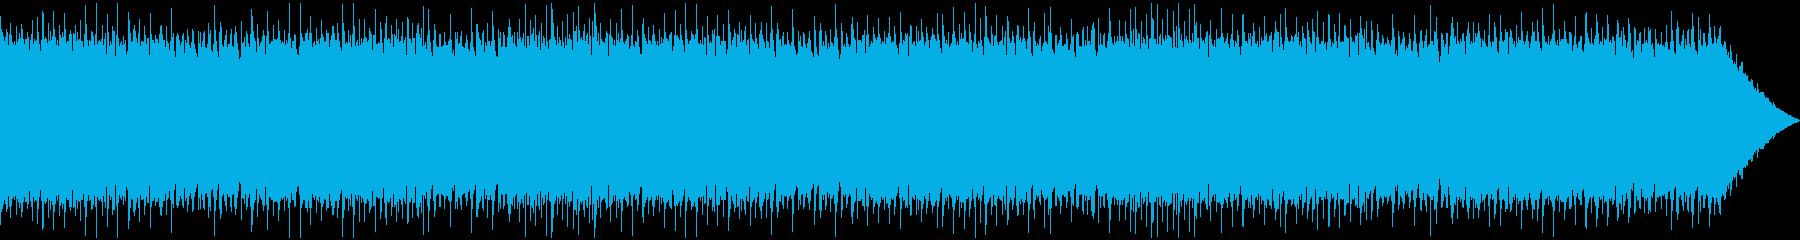 ゆっくりとしたテンポのケルト音楽の再生済みの波形